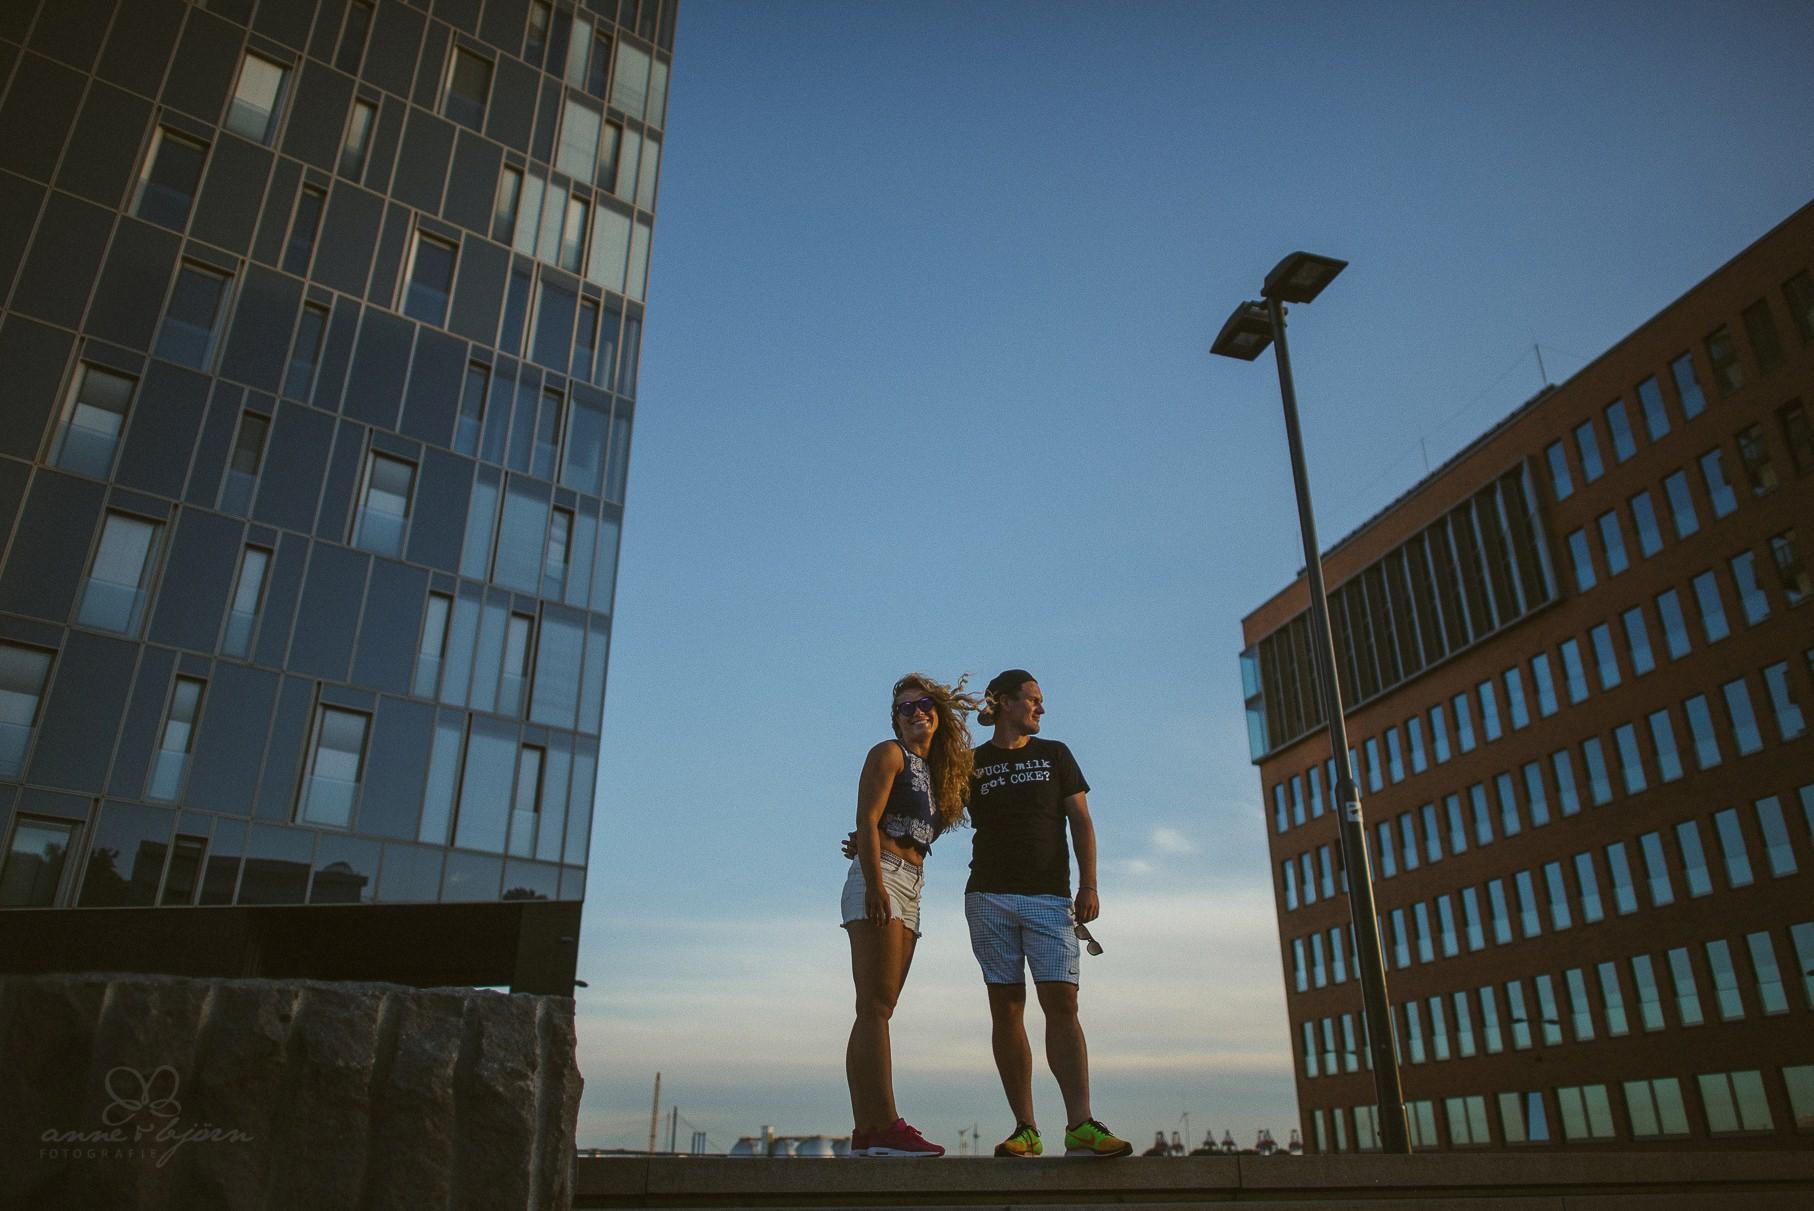 0029 dany und basti engagement hh d75 5118 - Sommerliches Verlobungsshooting in Hamburg - Dany & Basti